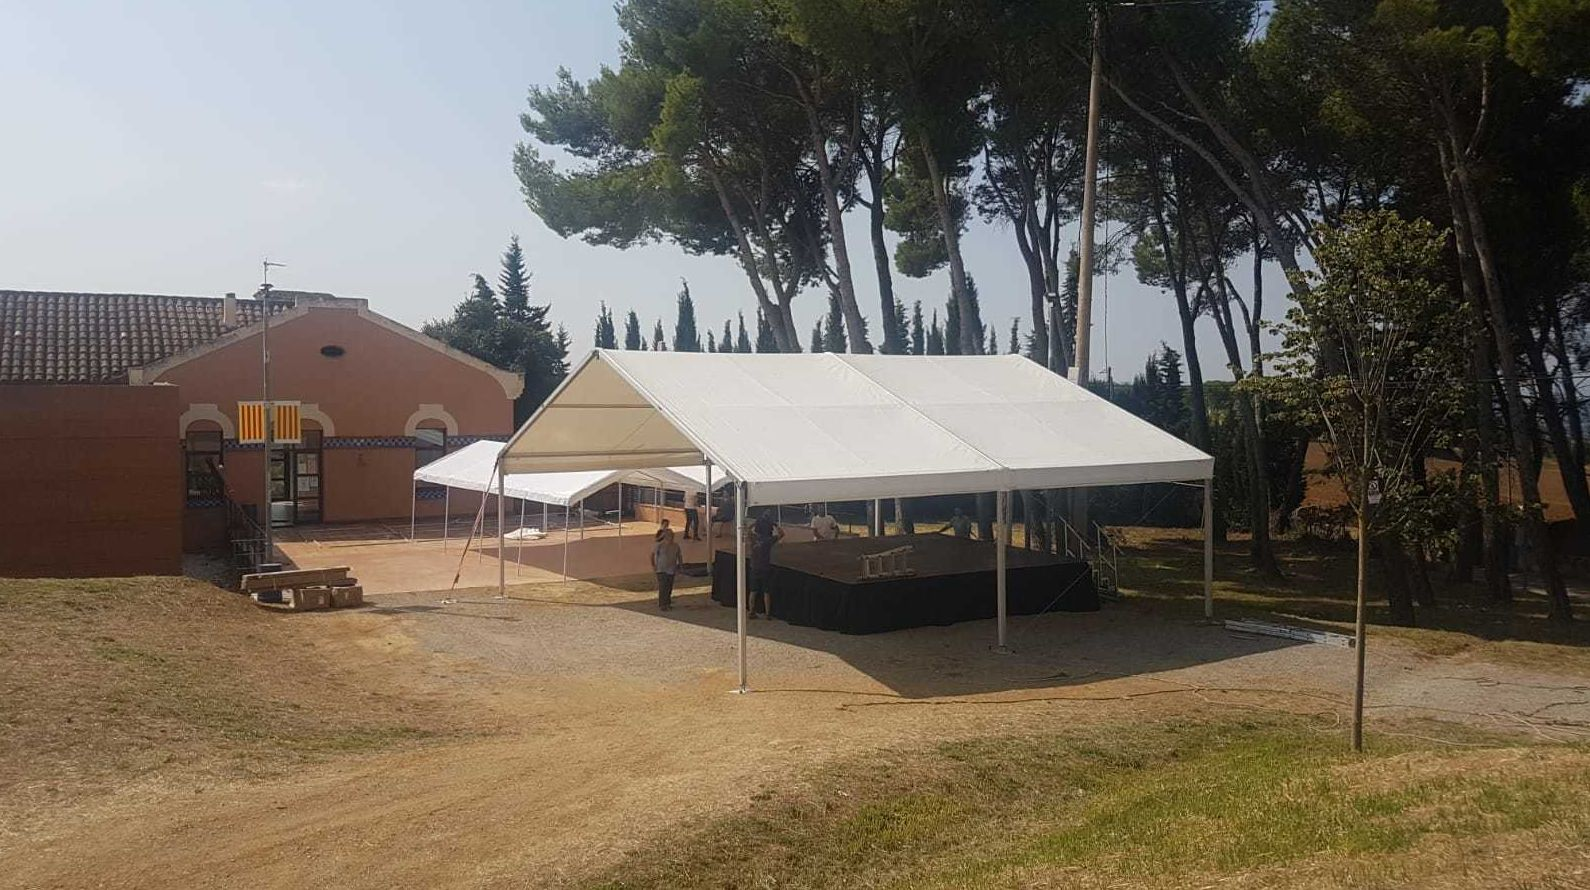 Alquiler de carpas para eventos en Girona